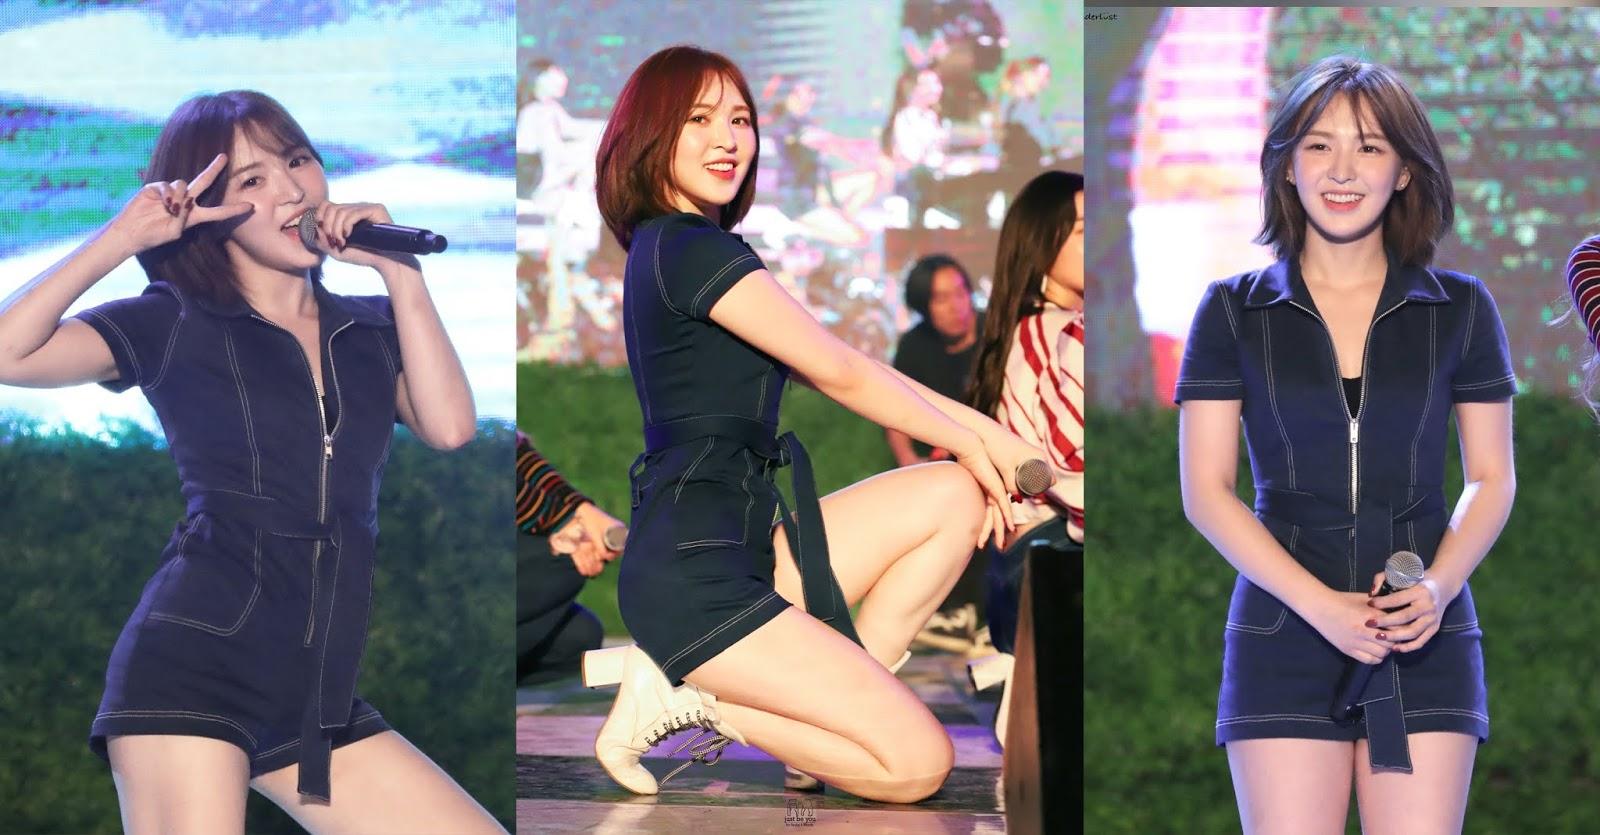 aaa 16264360193451756917961 Wendy (Red Velvet) hủy hoại hình tượng khi tham gia gamshow 18+?